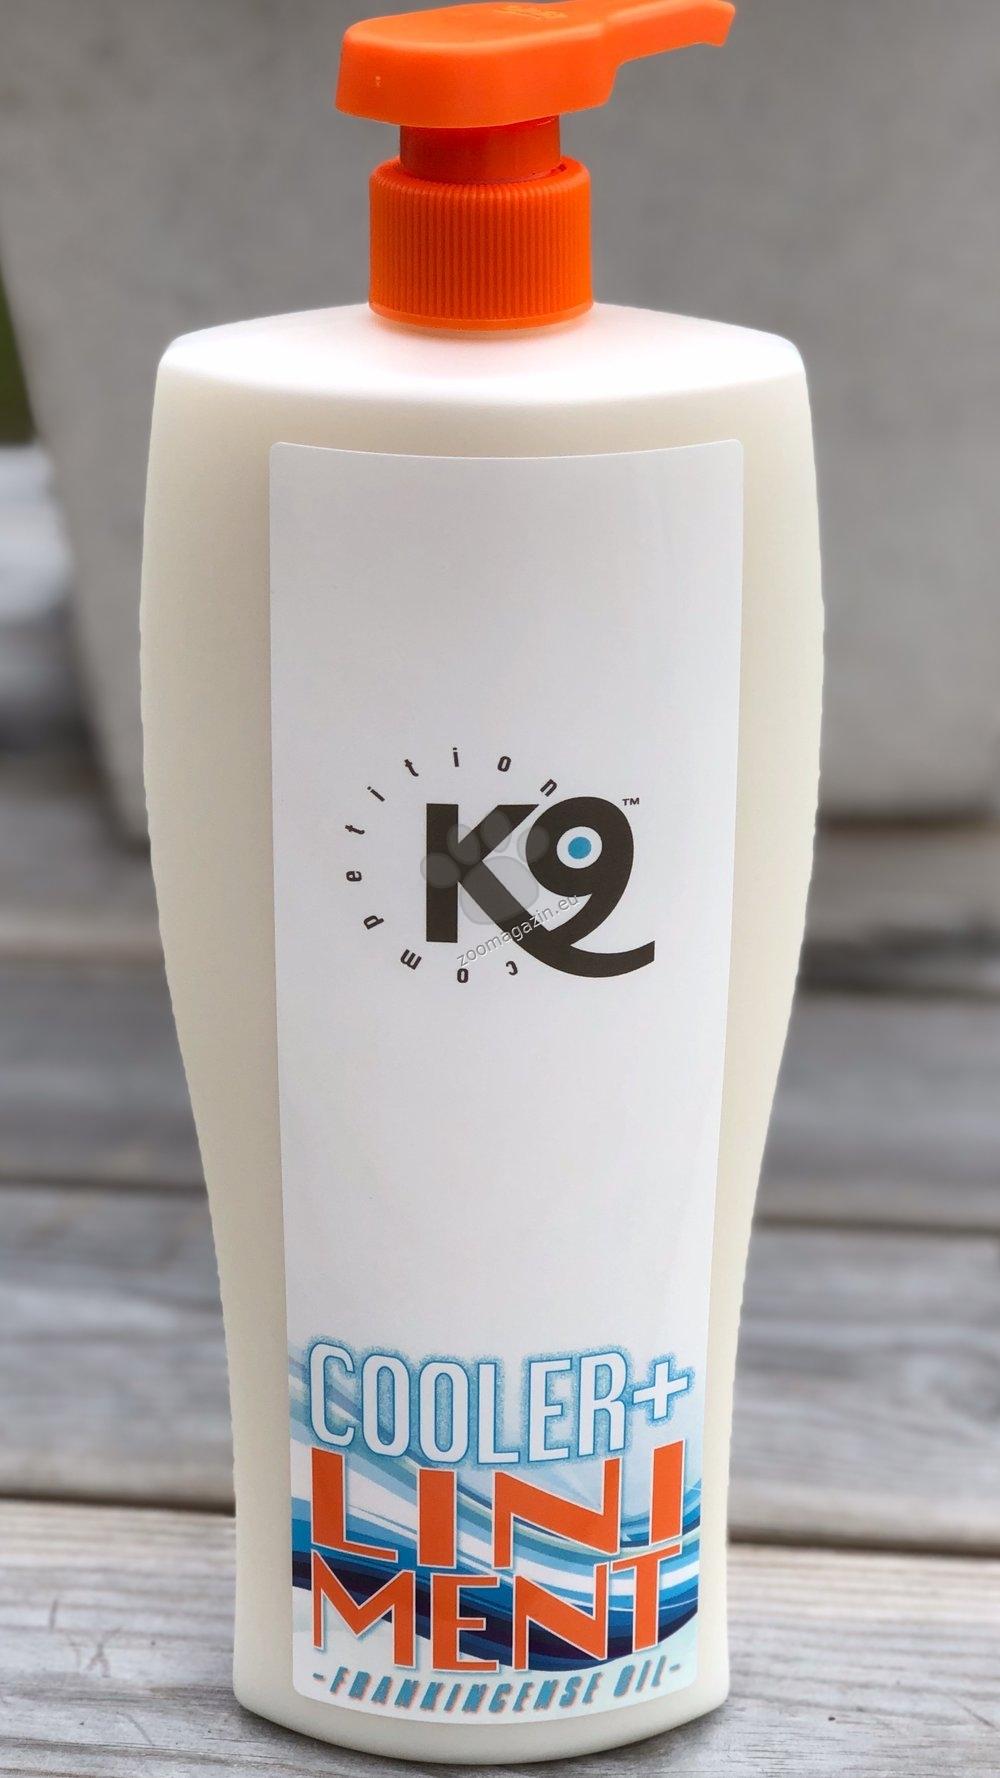 K9 Cooler - с масло от тамян, алое вера, витамин B5 и евкалипт е бързодействащ и успокояващ мехлем, който има охлаждащ ефект 750 мл.